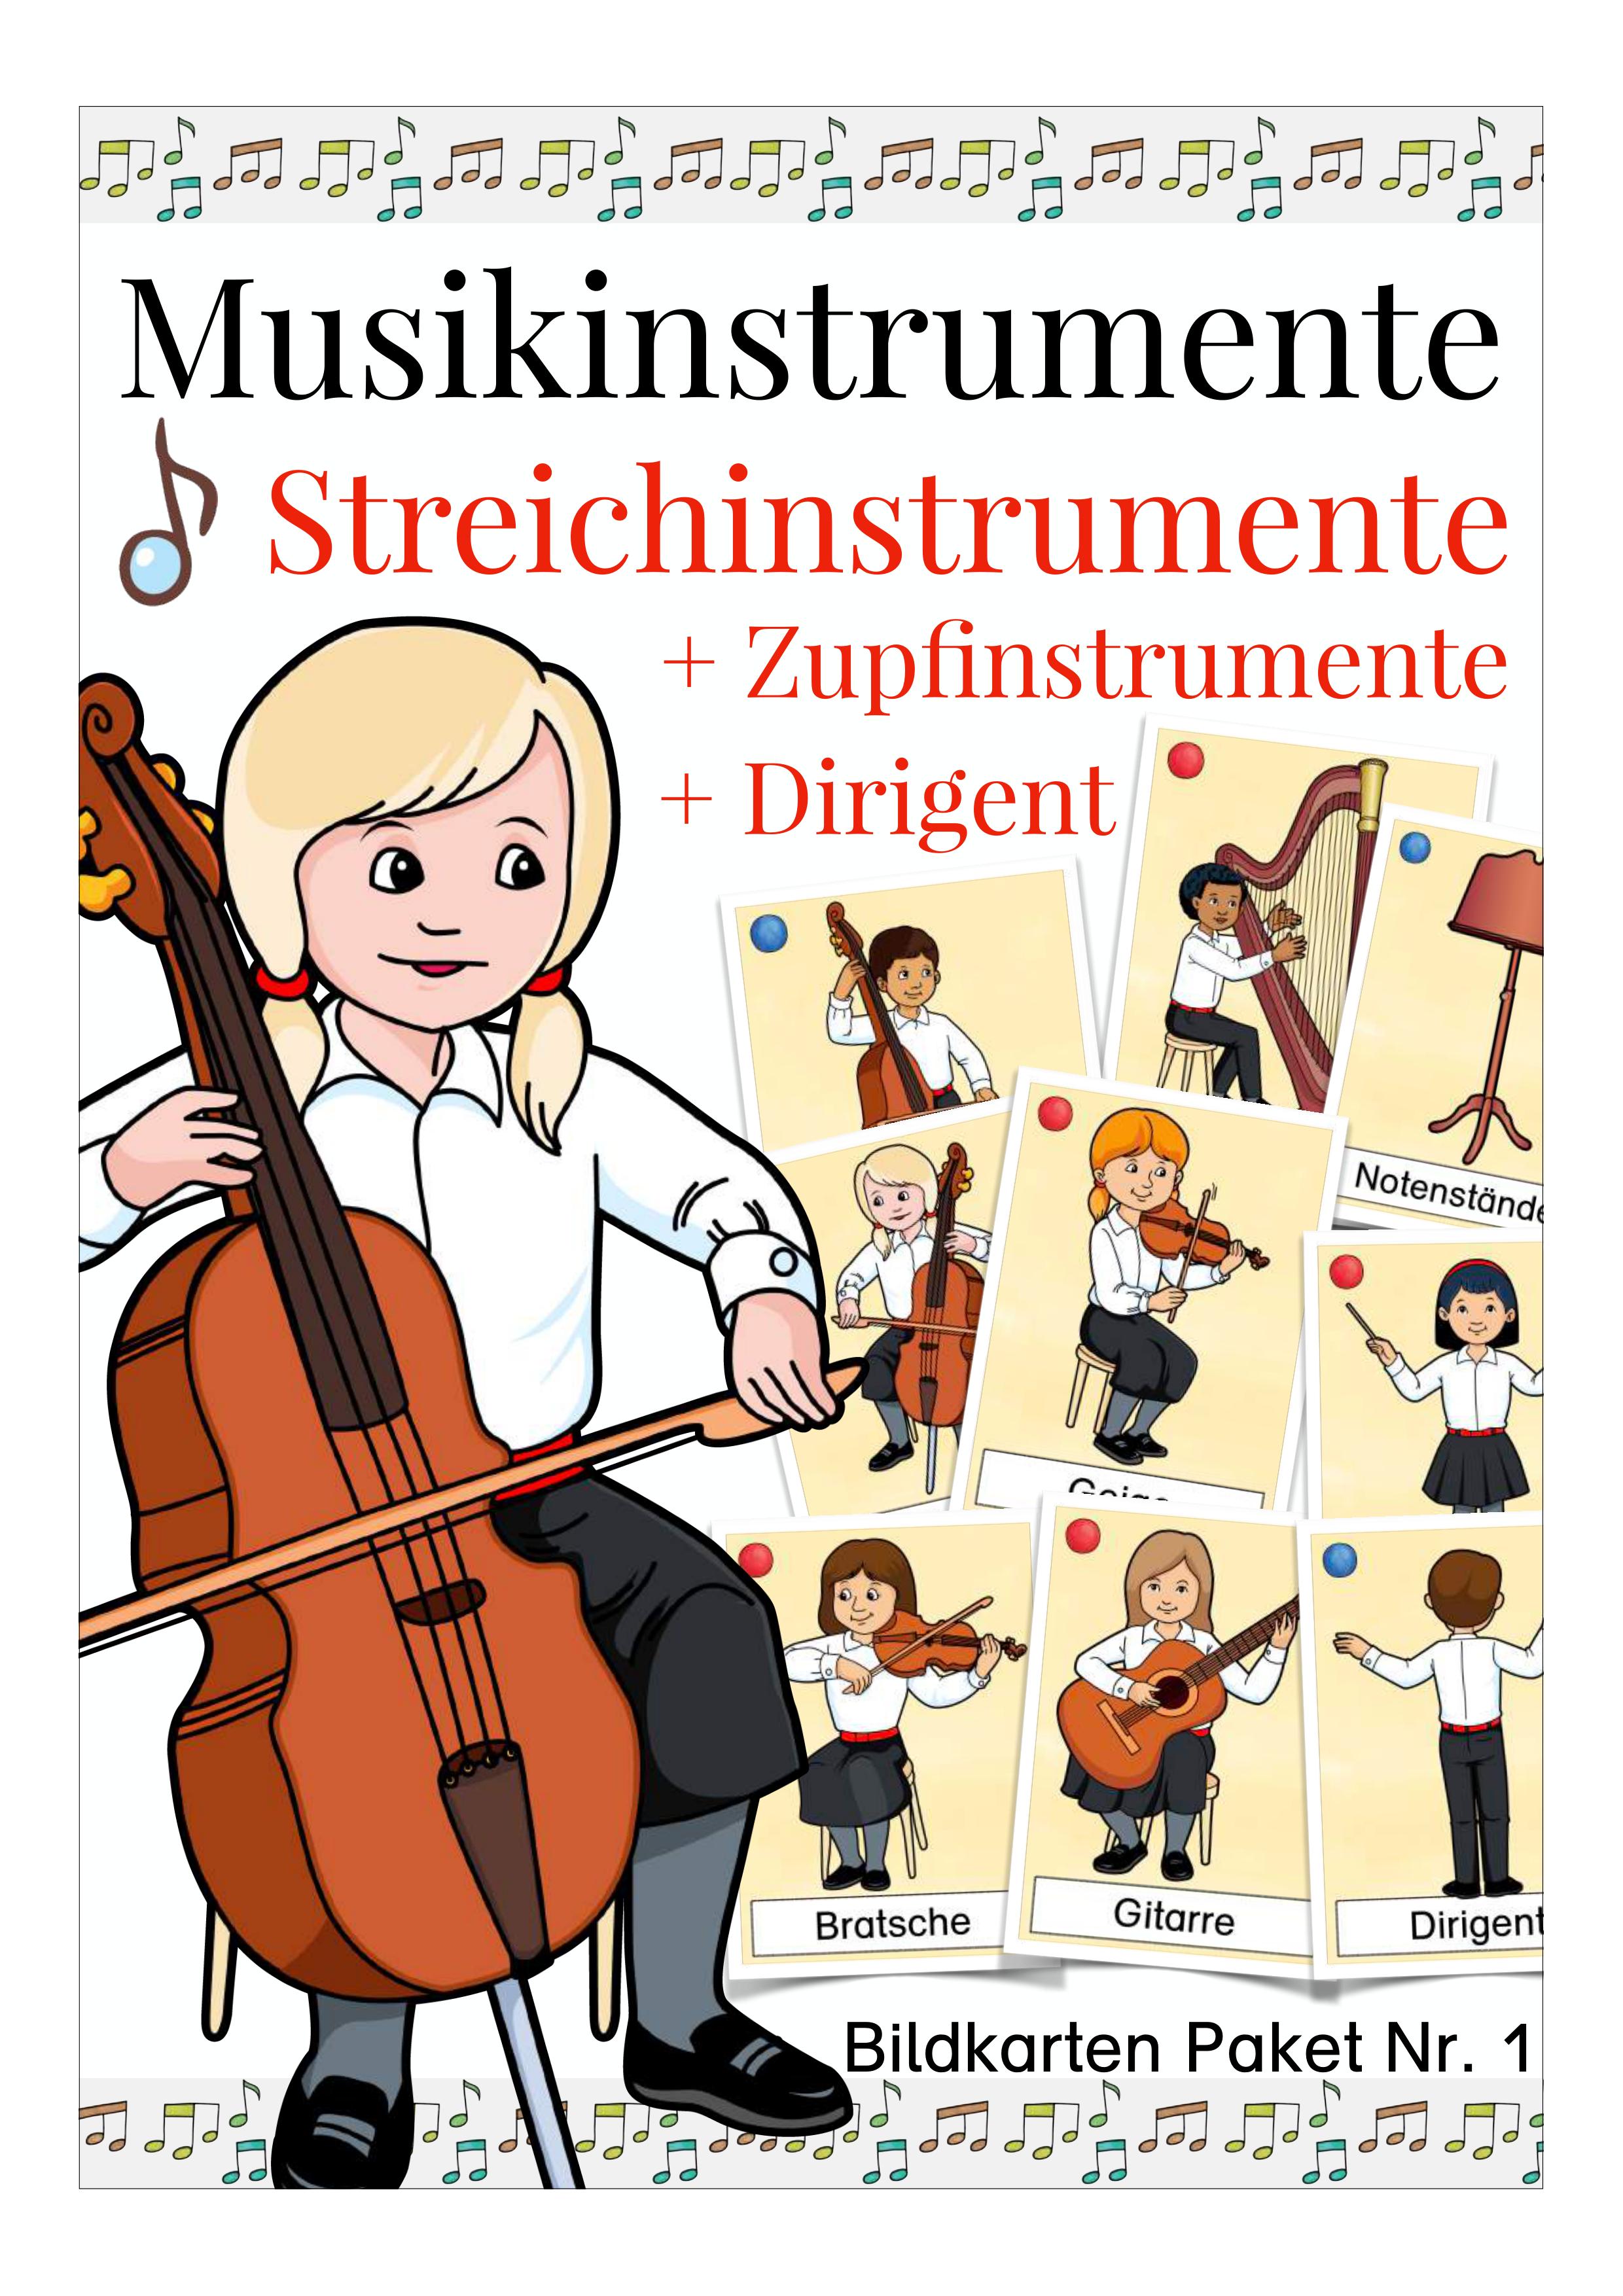 Bildkarten Streichinstrumente, Instrumente, Musik ...